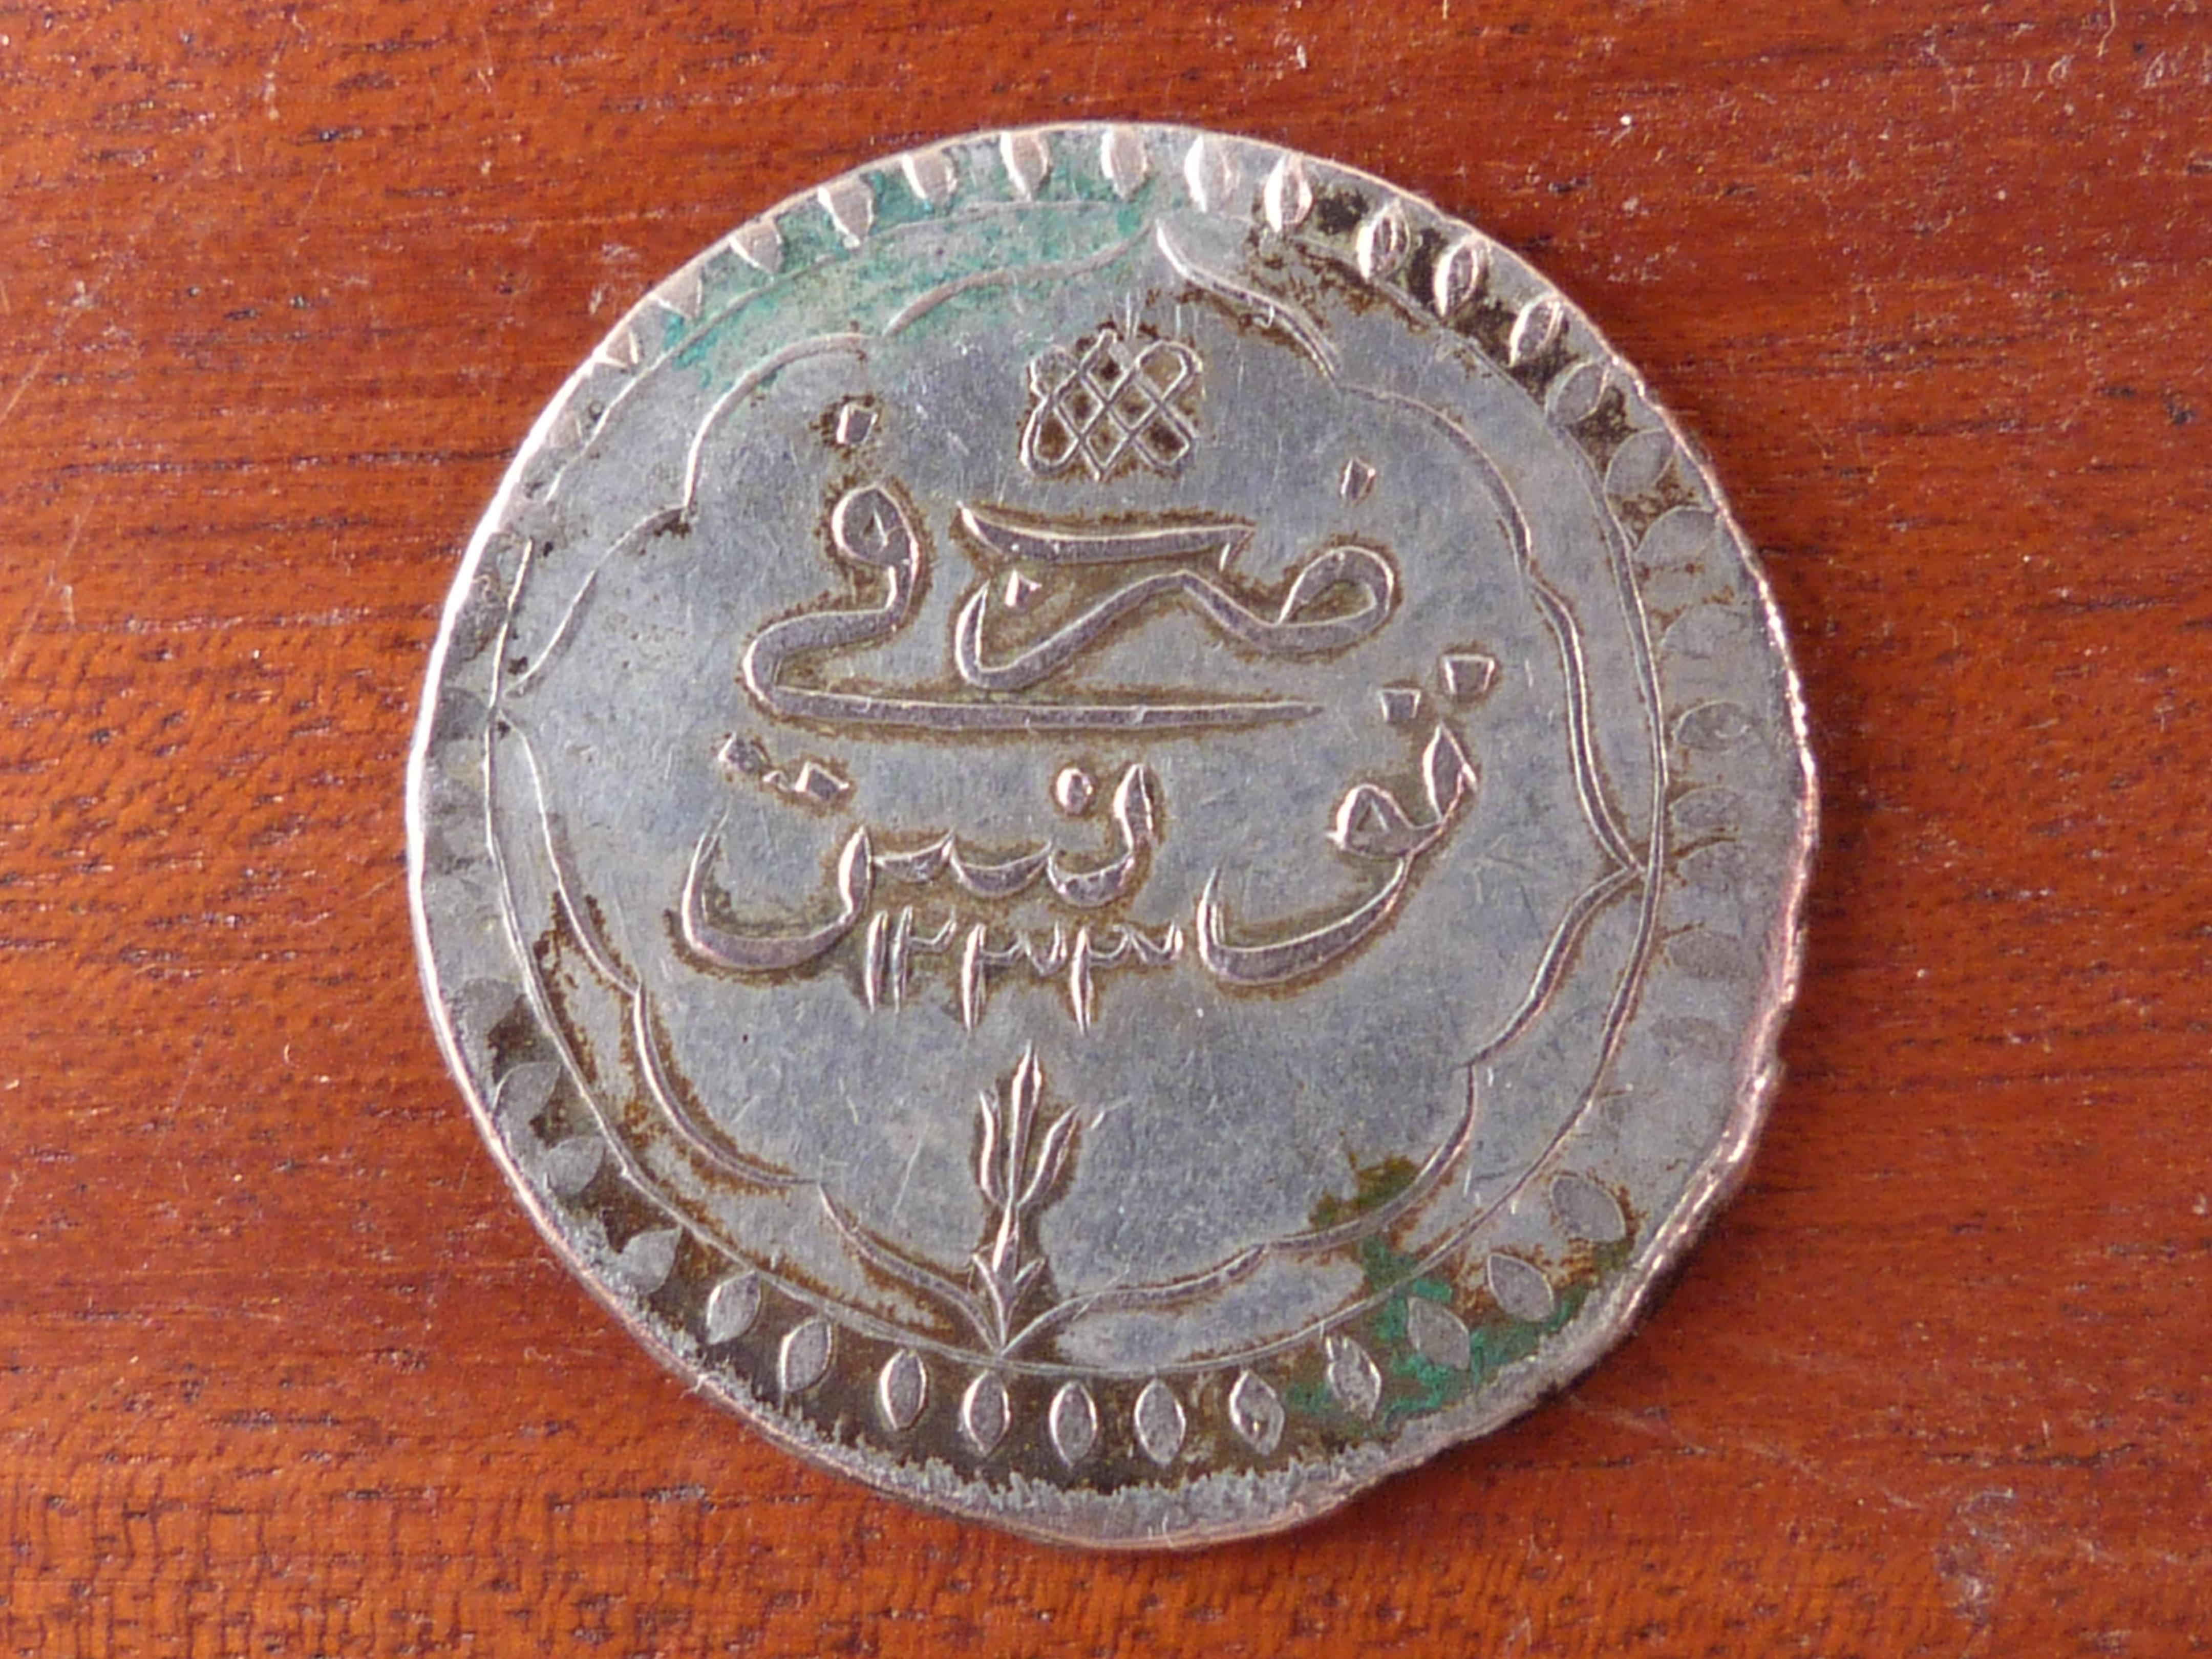 File:Tunisian rial of Mahmud II 1233 AH - 1817-1818 AD reverse.